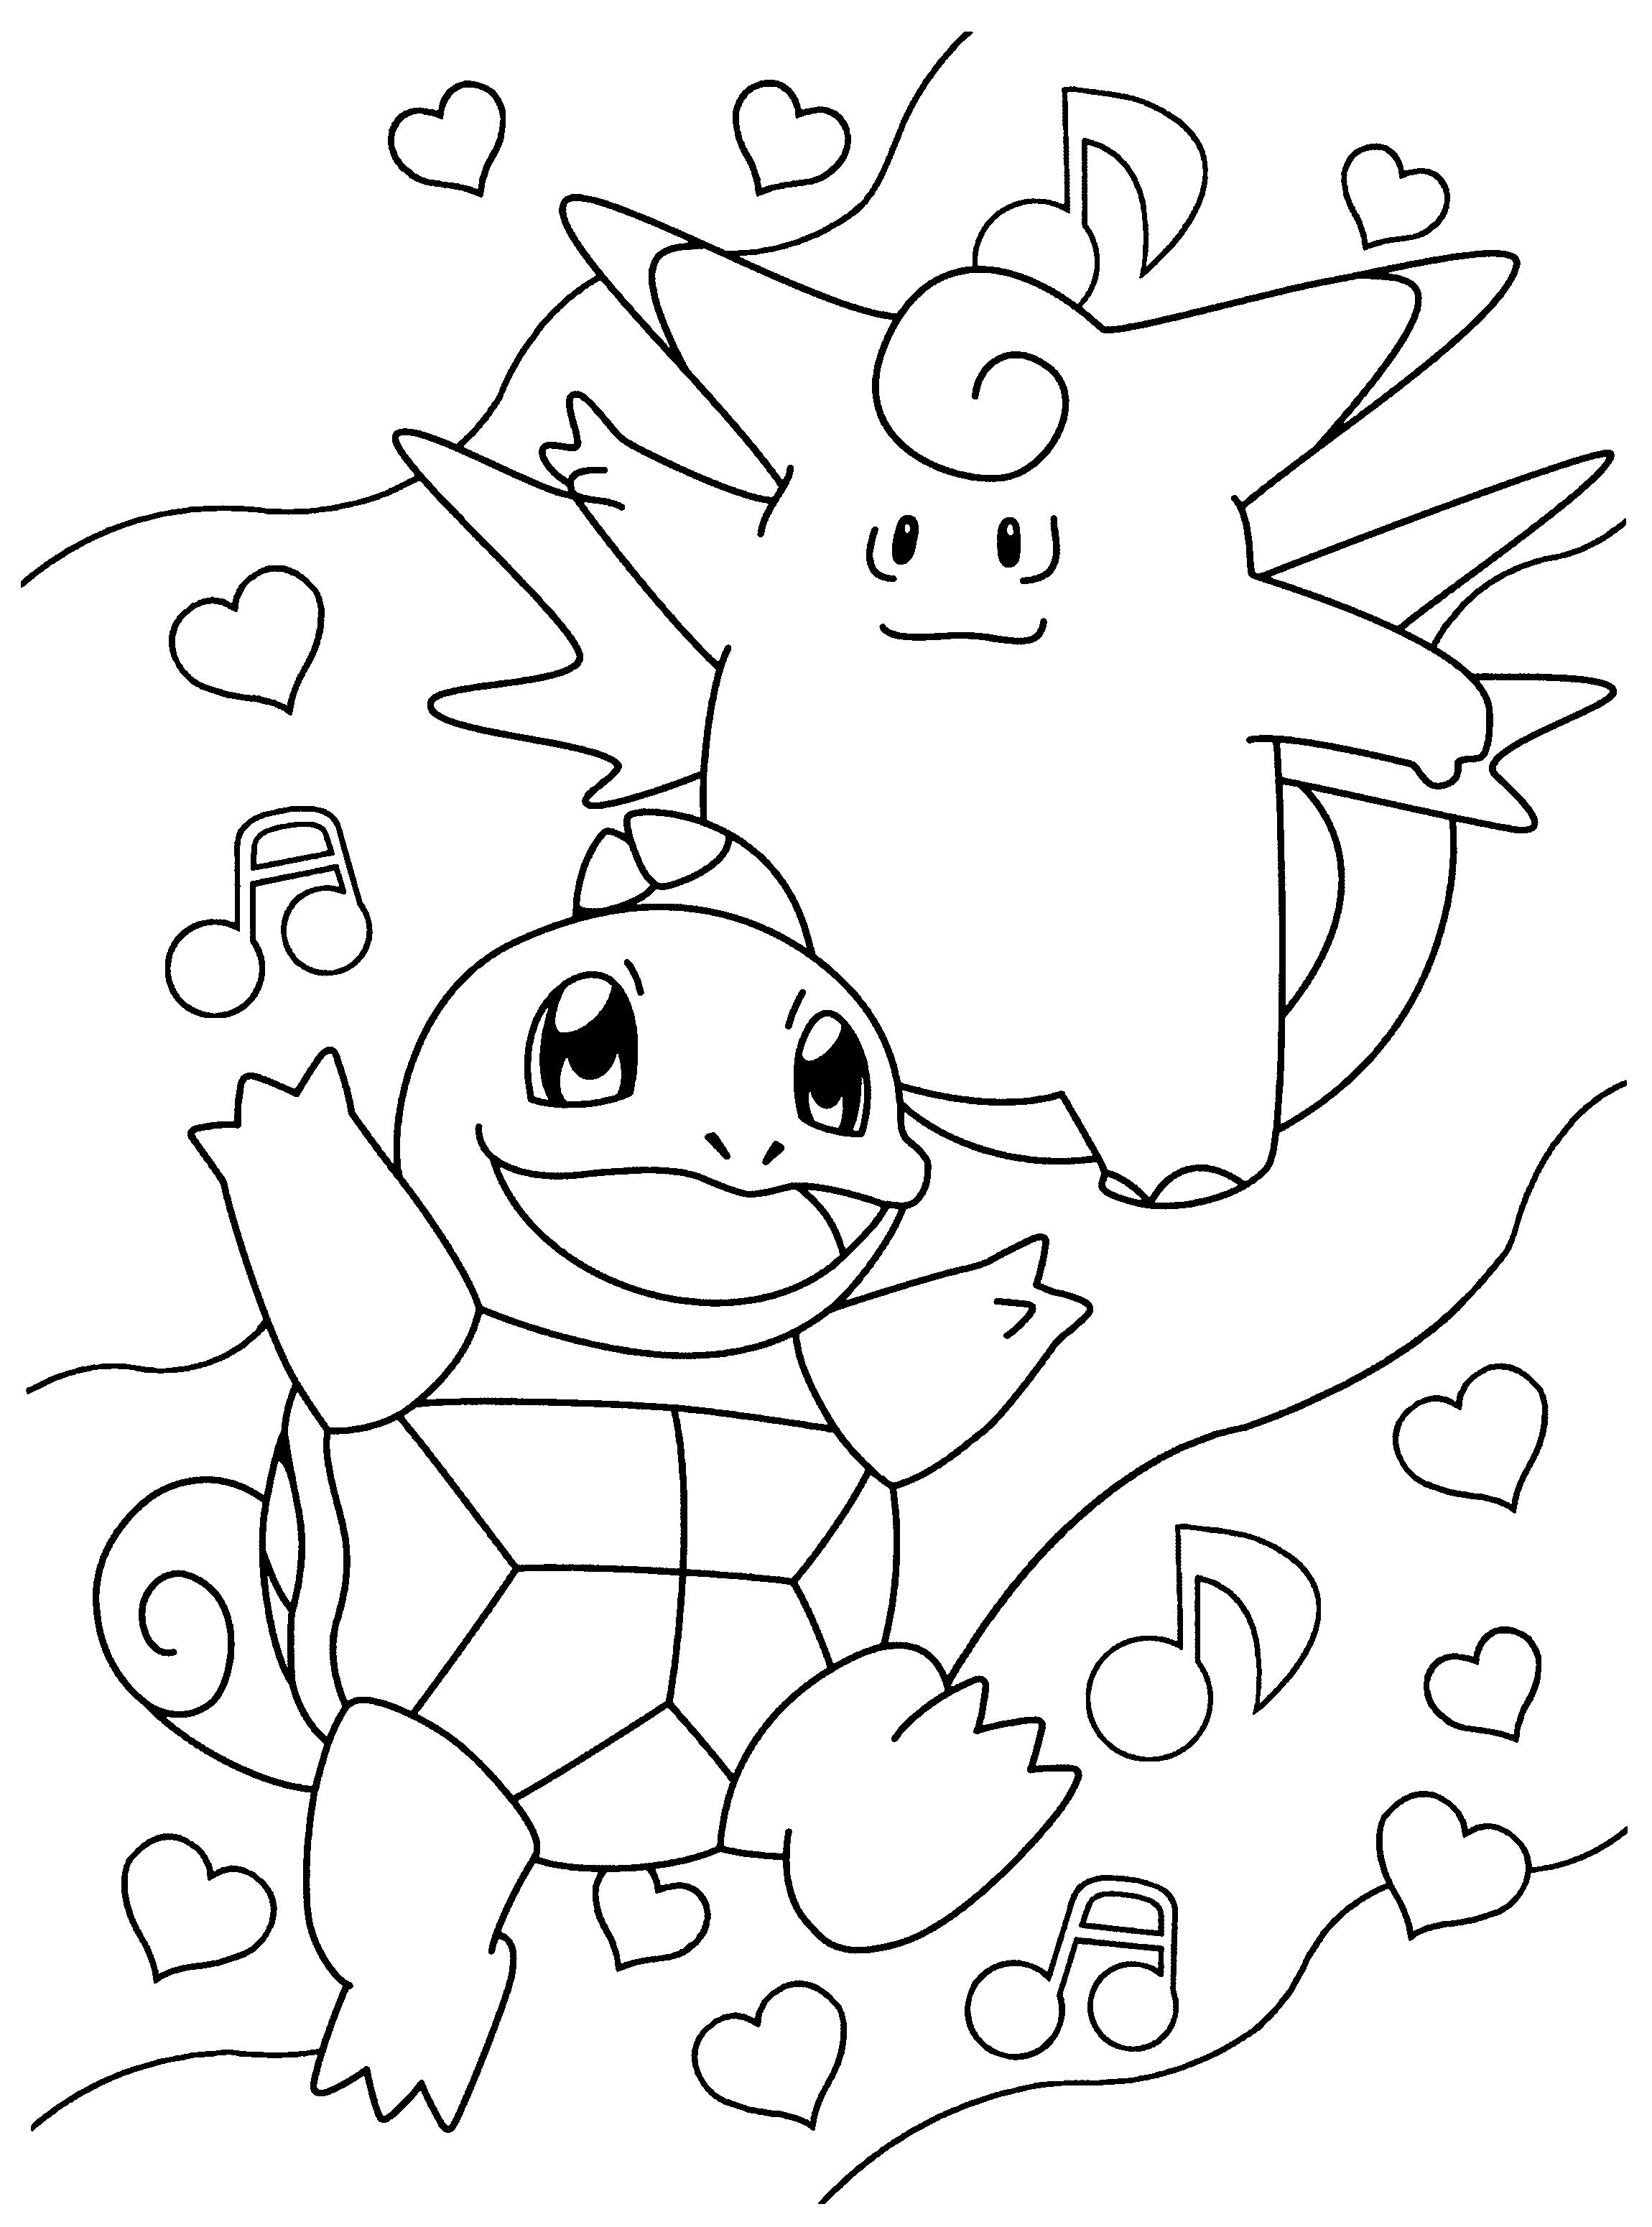 Kleurplaat Clefable En Squirtle Pokemon Coloring Pages Pokemon Coloring Valentine Coloring Pages